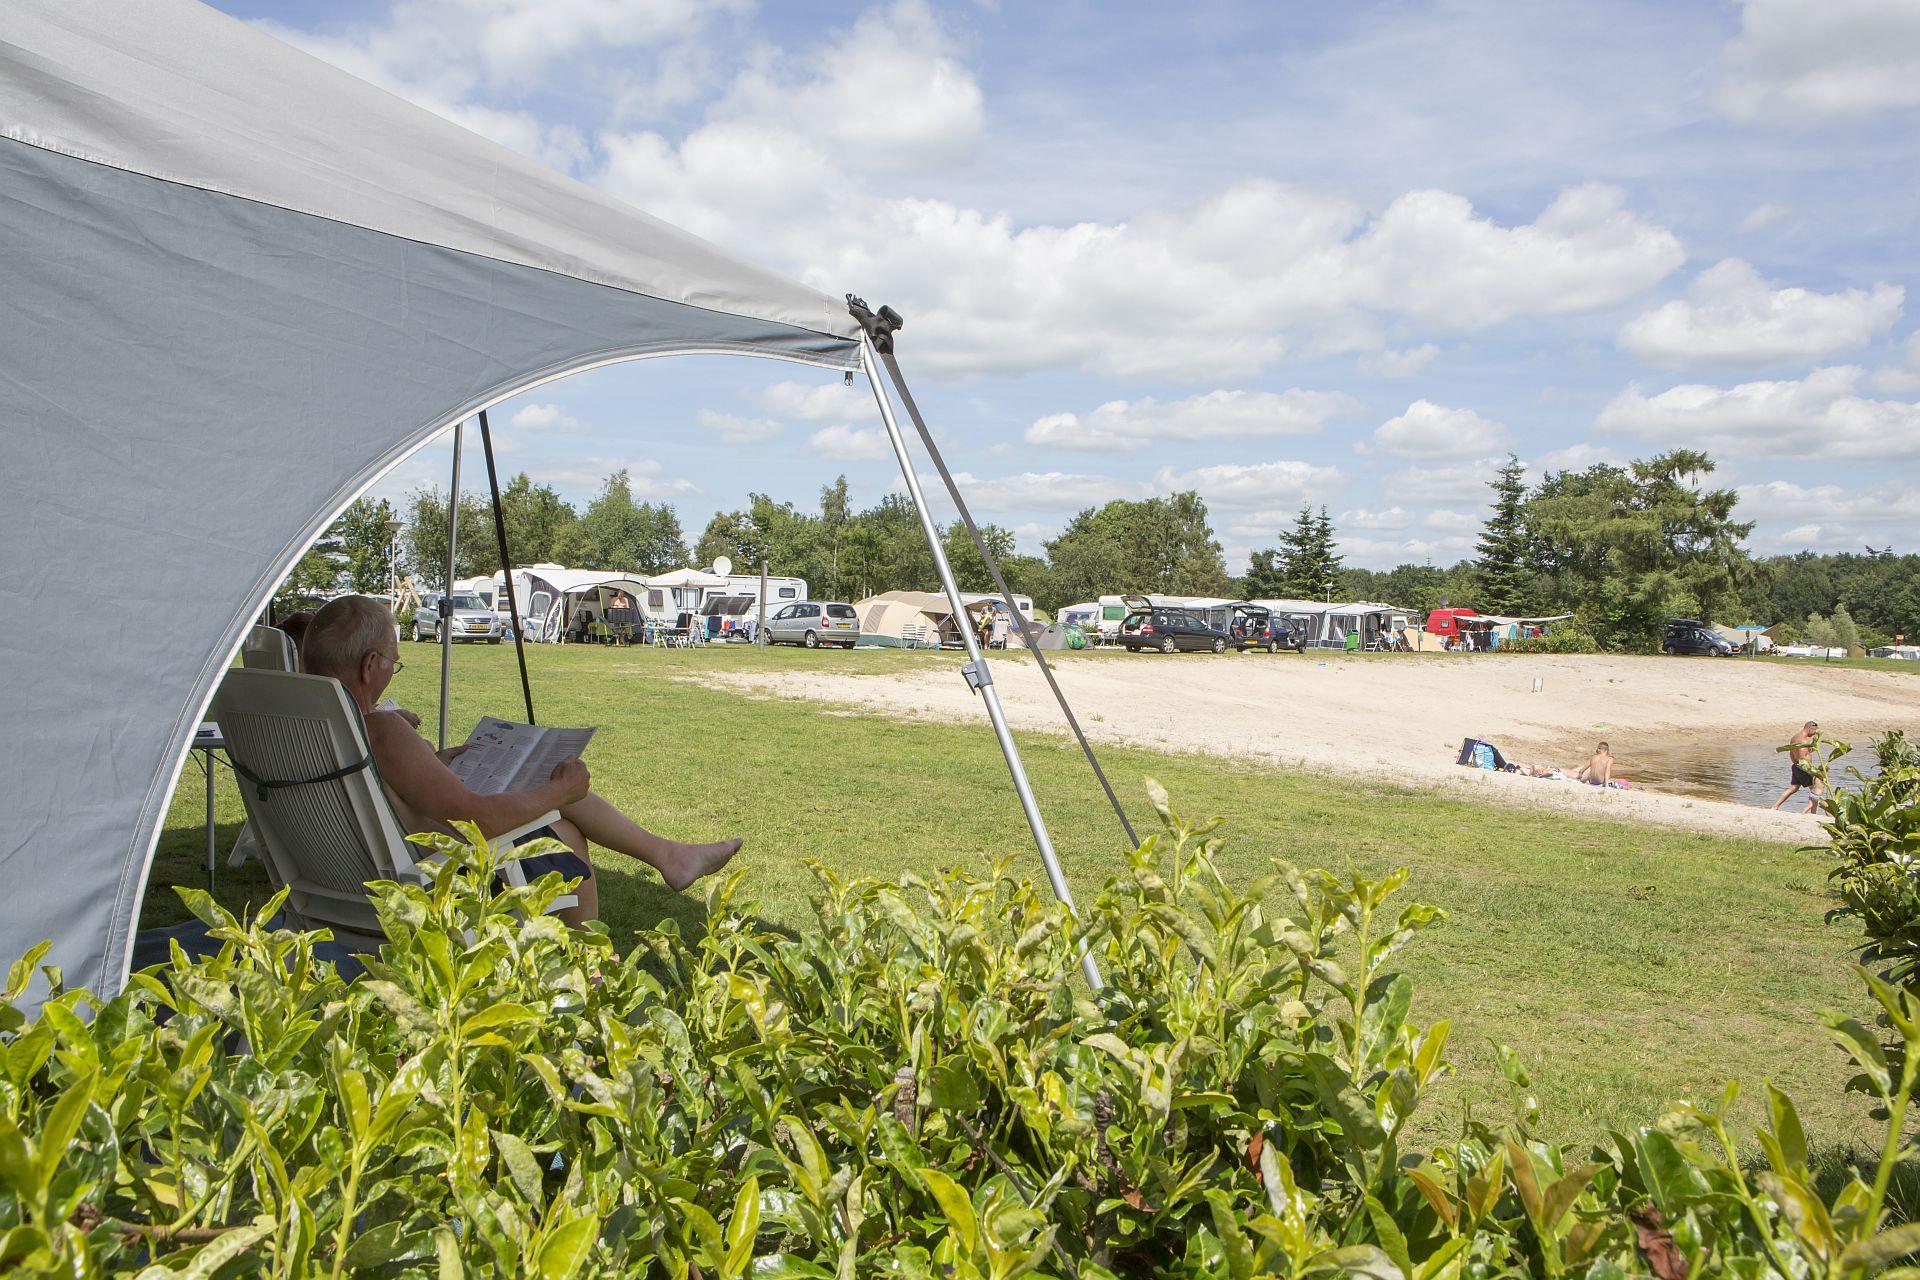 Voorseizoensplaats camping het Stoetenslagh! - Voorseizoenplaats camping